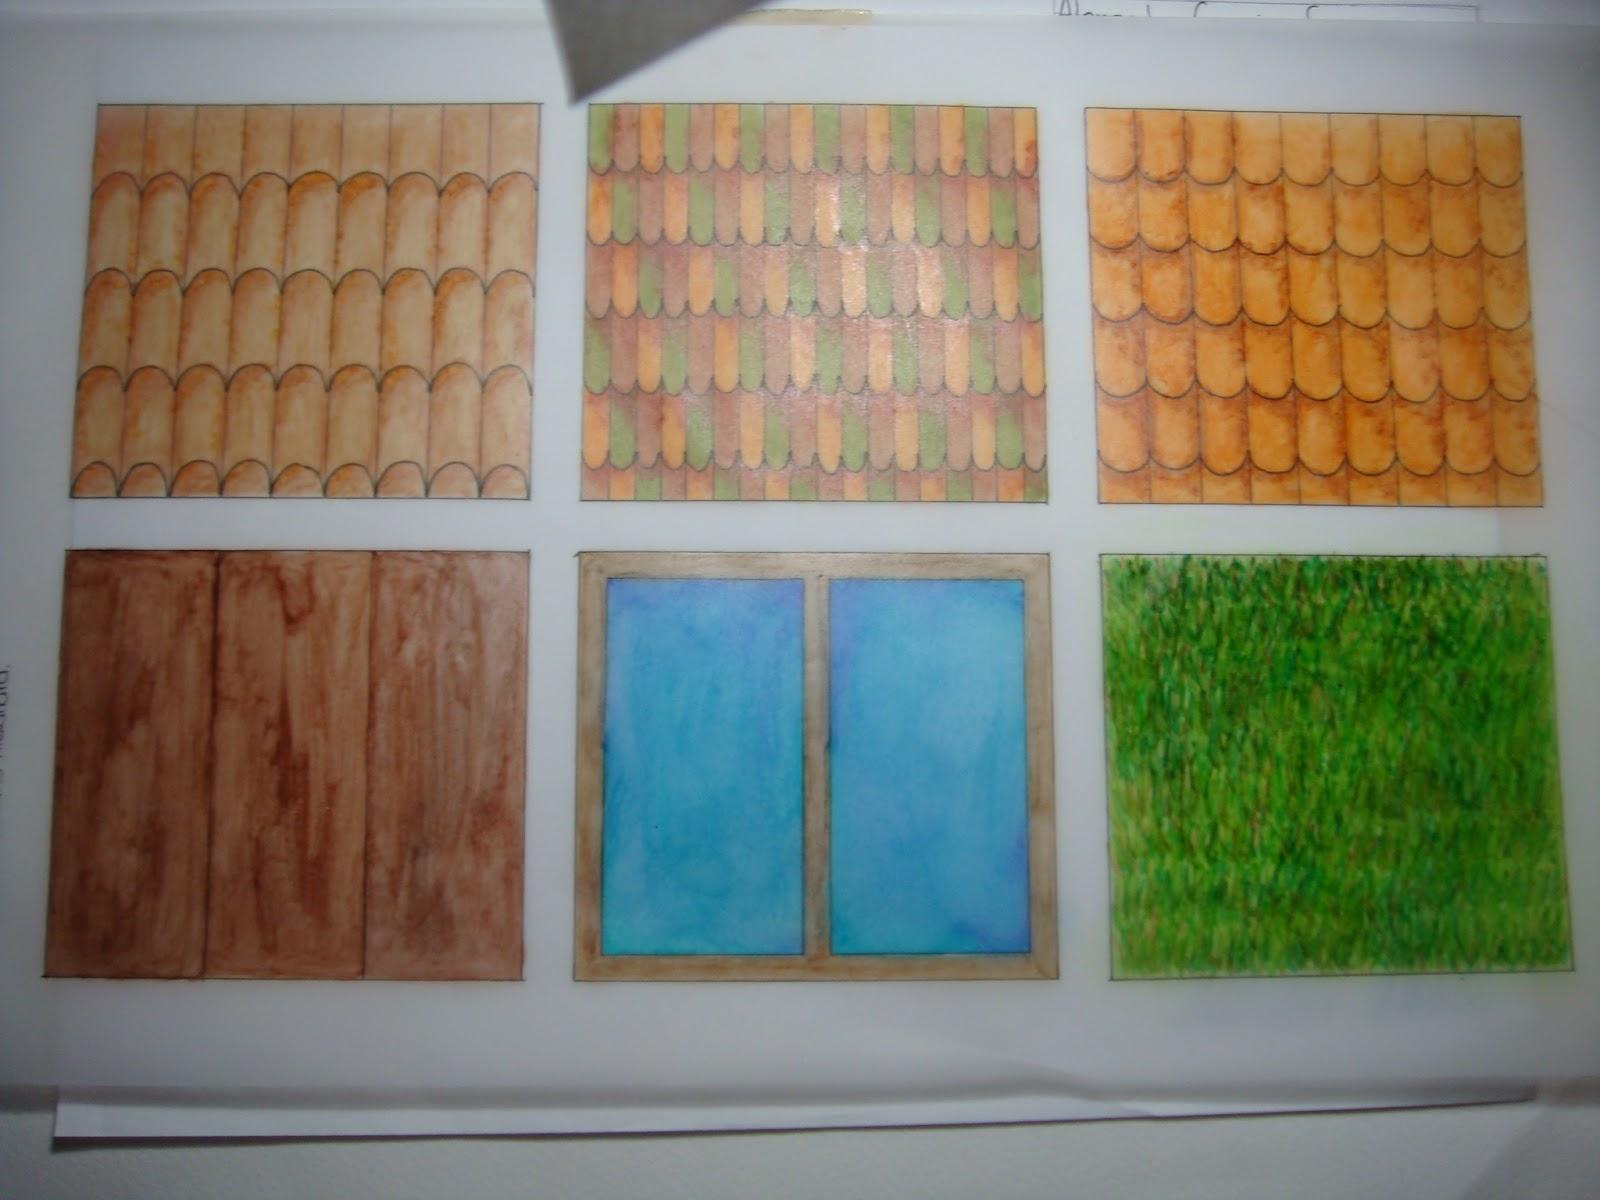 Arquitectura portafolios de evidencias alexandra garnica for Tecnicas de representacion arquitectonica pdf